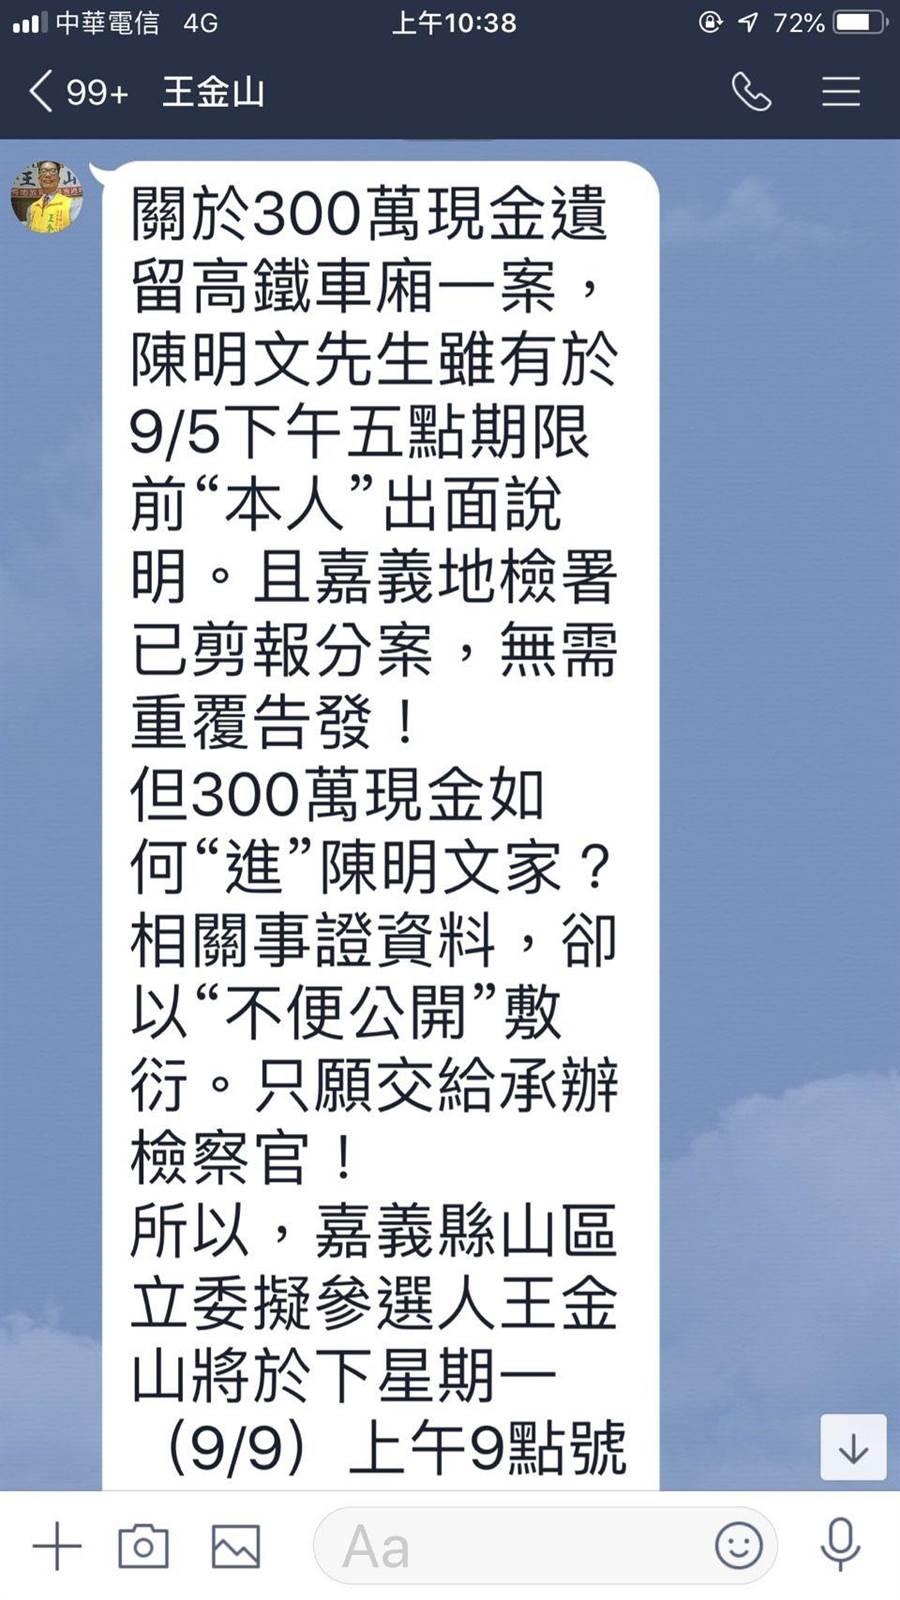 嘉義縣山區立委擬參選人王金山在臉書PO文質疑300萬現金來源。(網路流傳截圖)